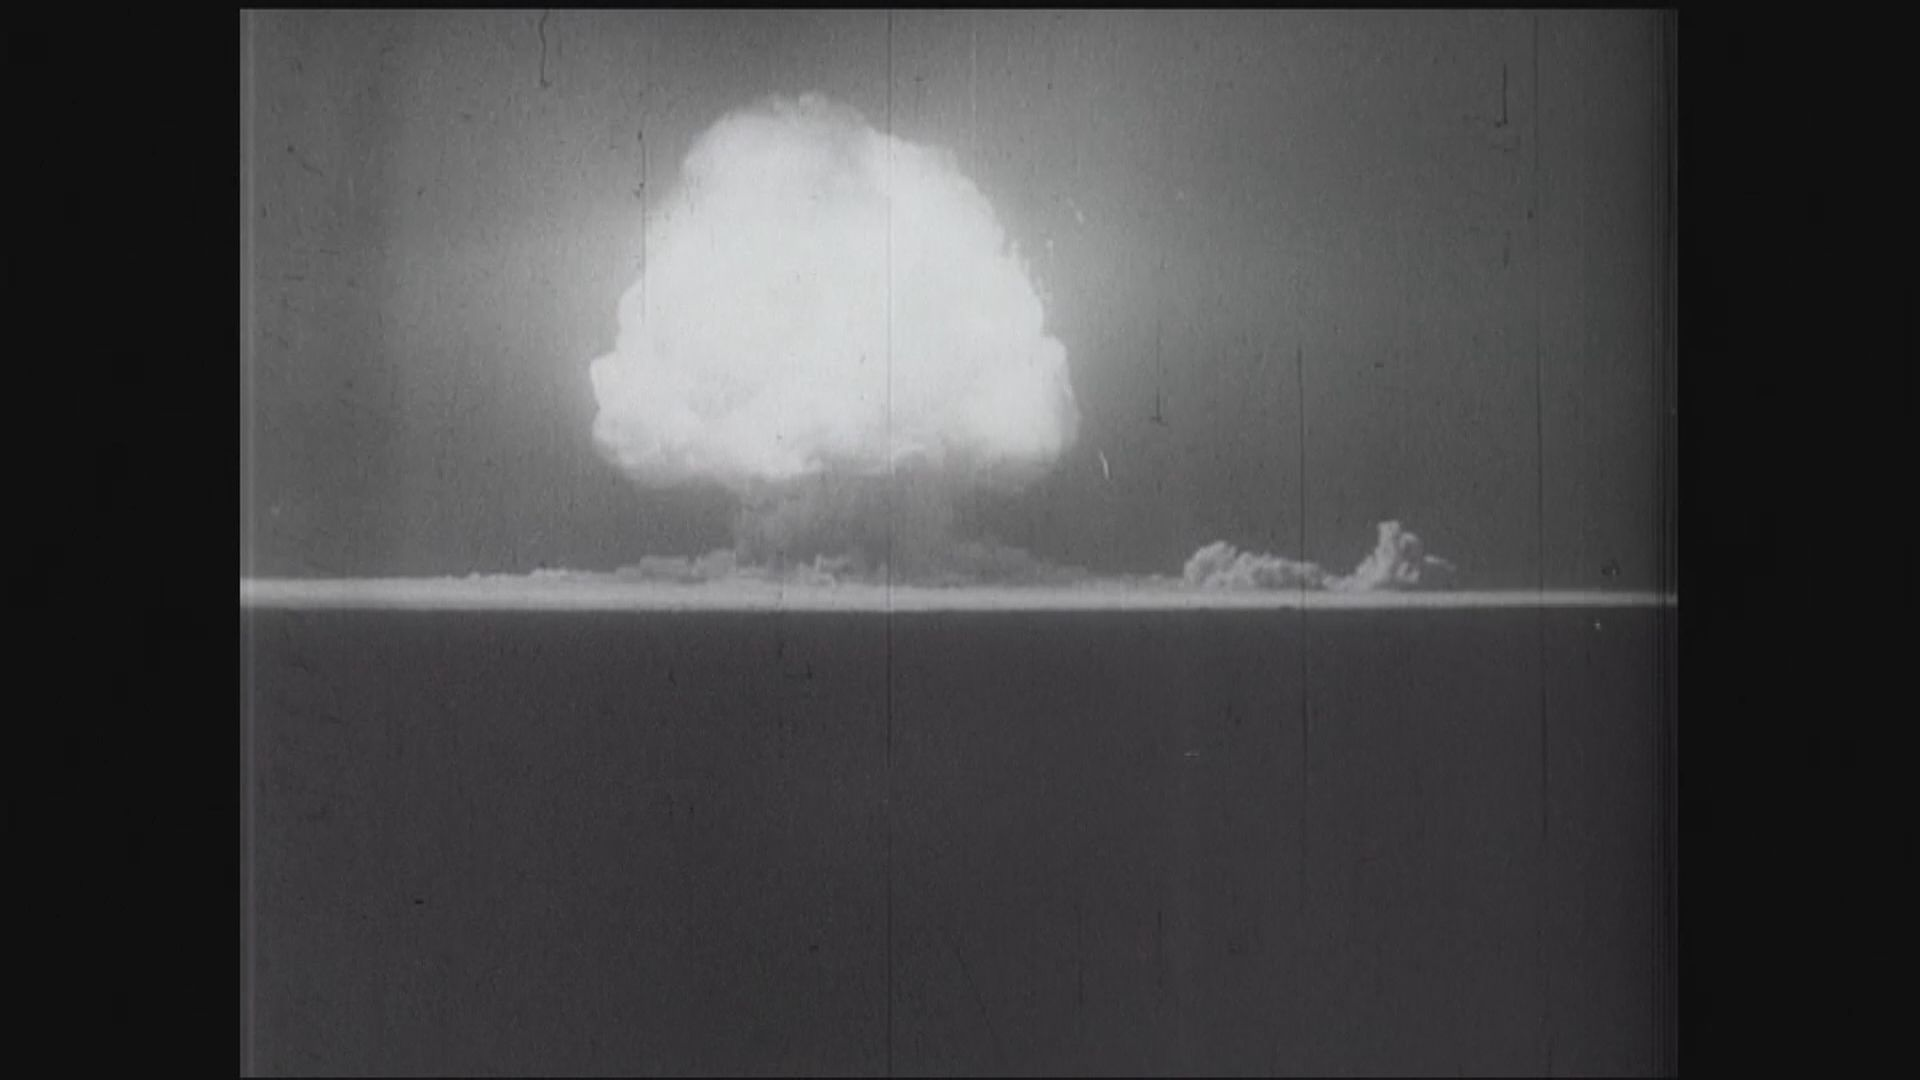 聯合國禁止核武條約明年一月生效